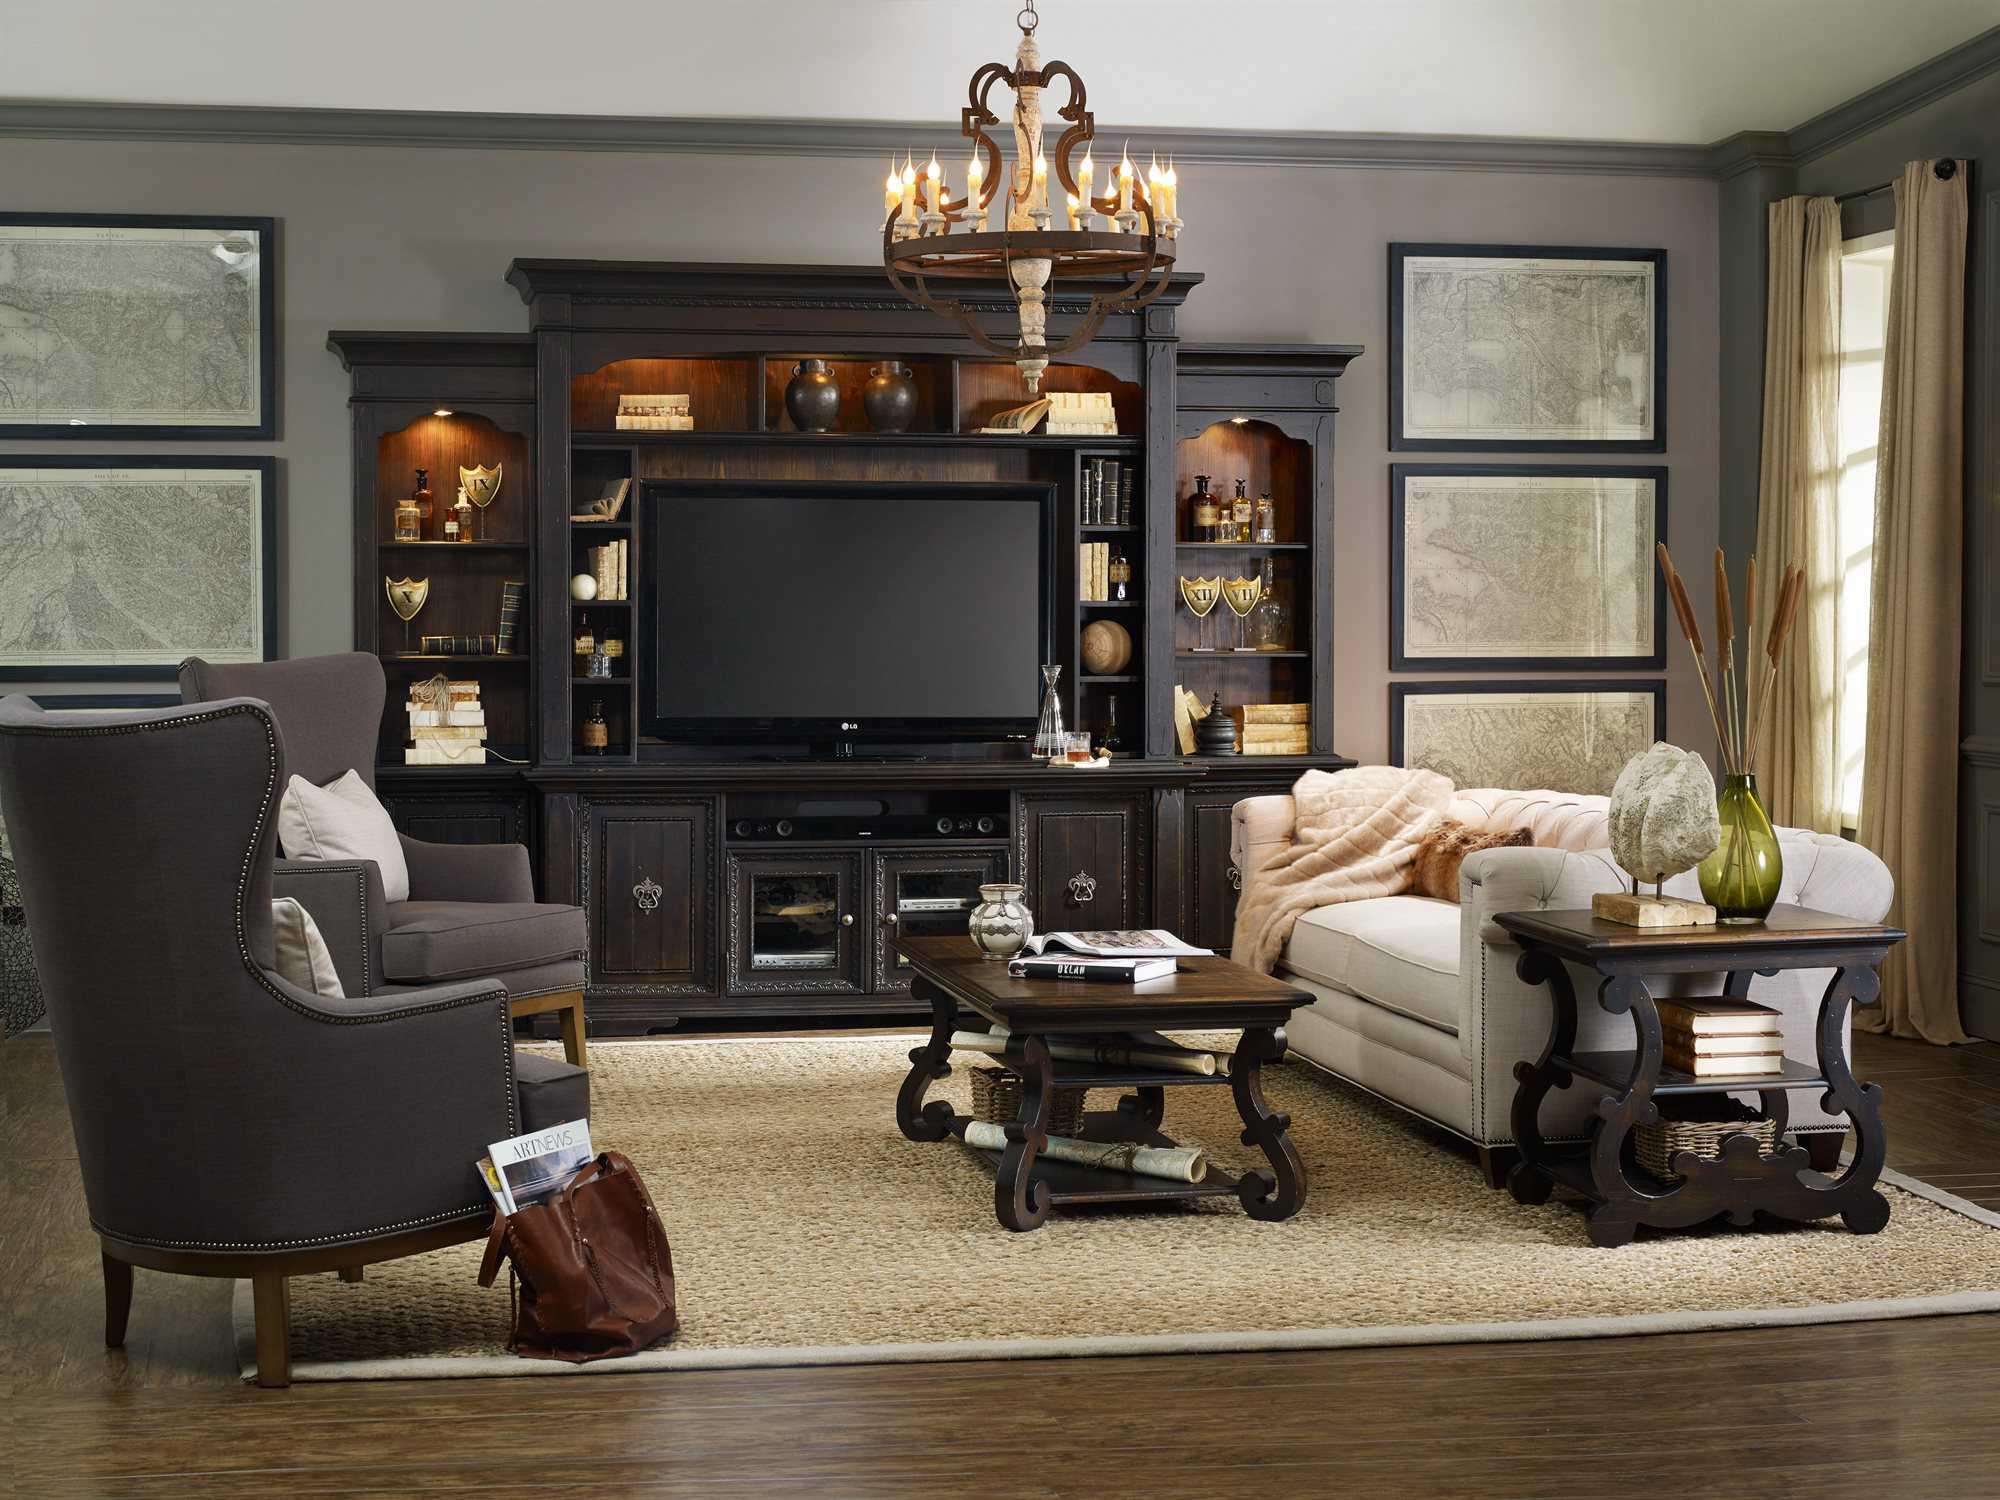 Hooker furniture linosa living room set hooss19503010set Entertainment living room furniture